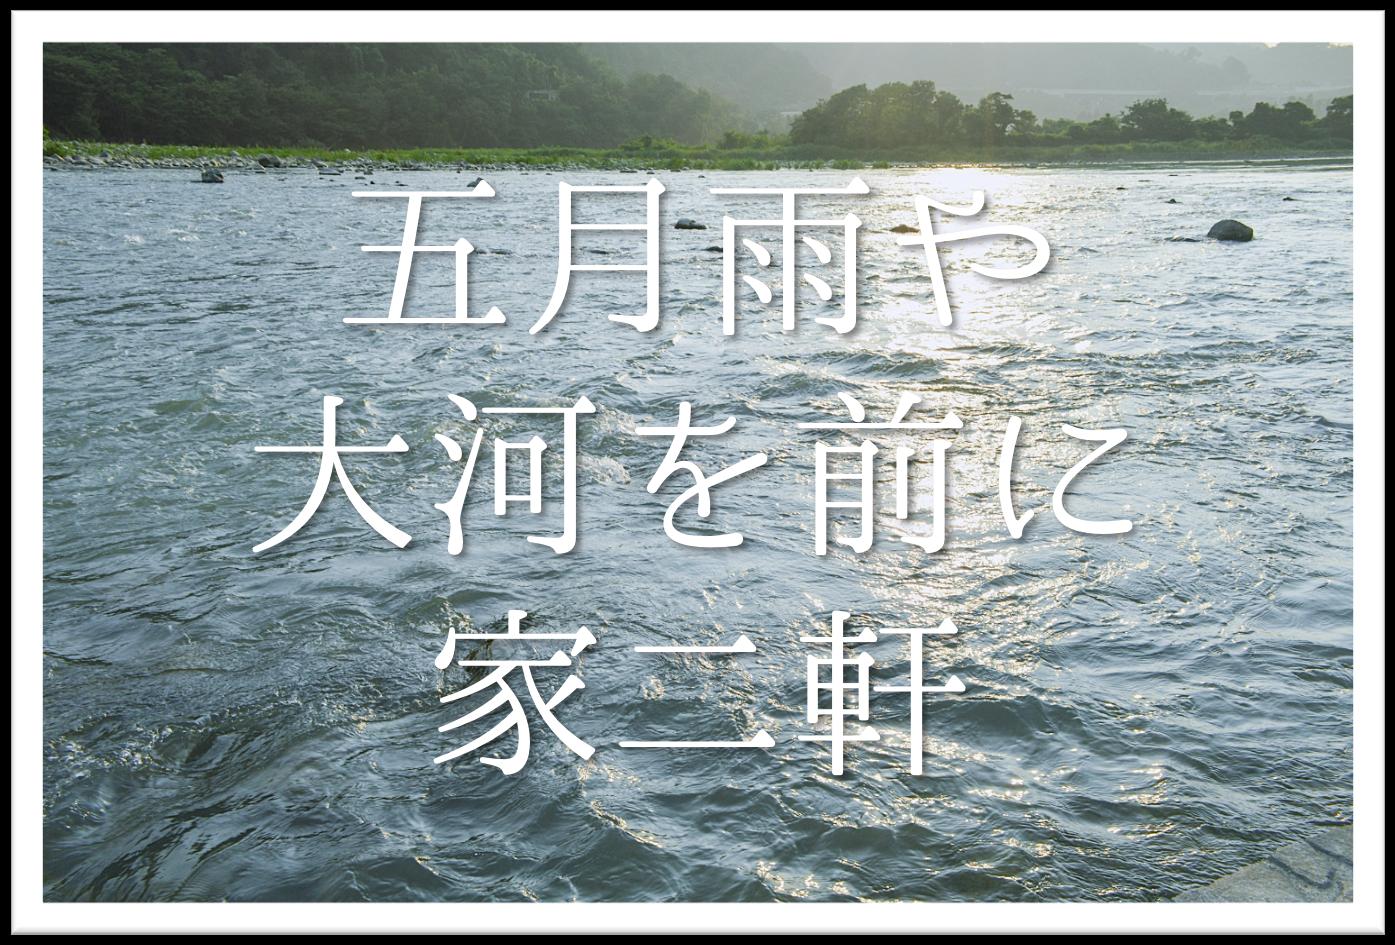 【五月雨や大河を前に家二軒】俳句の季語や意味・表現技法・鑑賞・作者など徹底解説!!